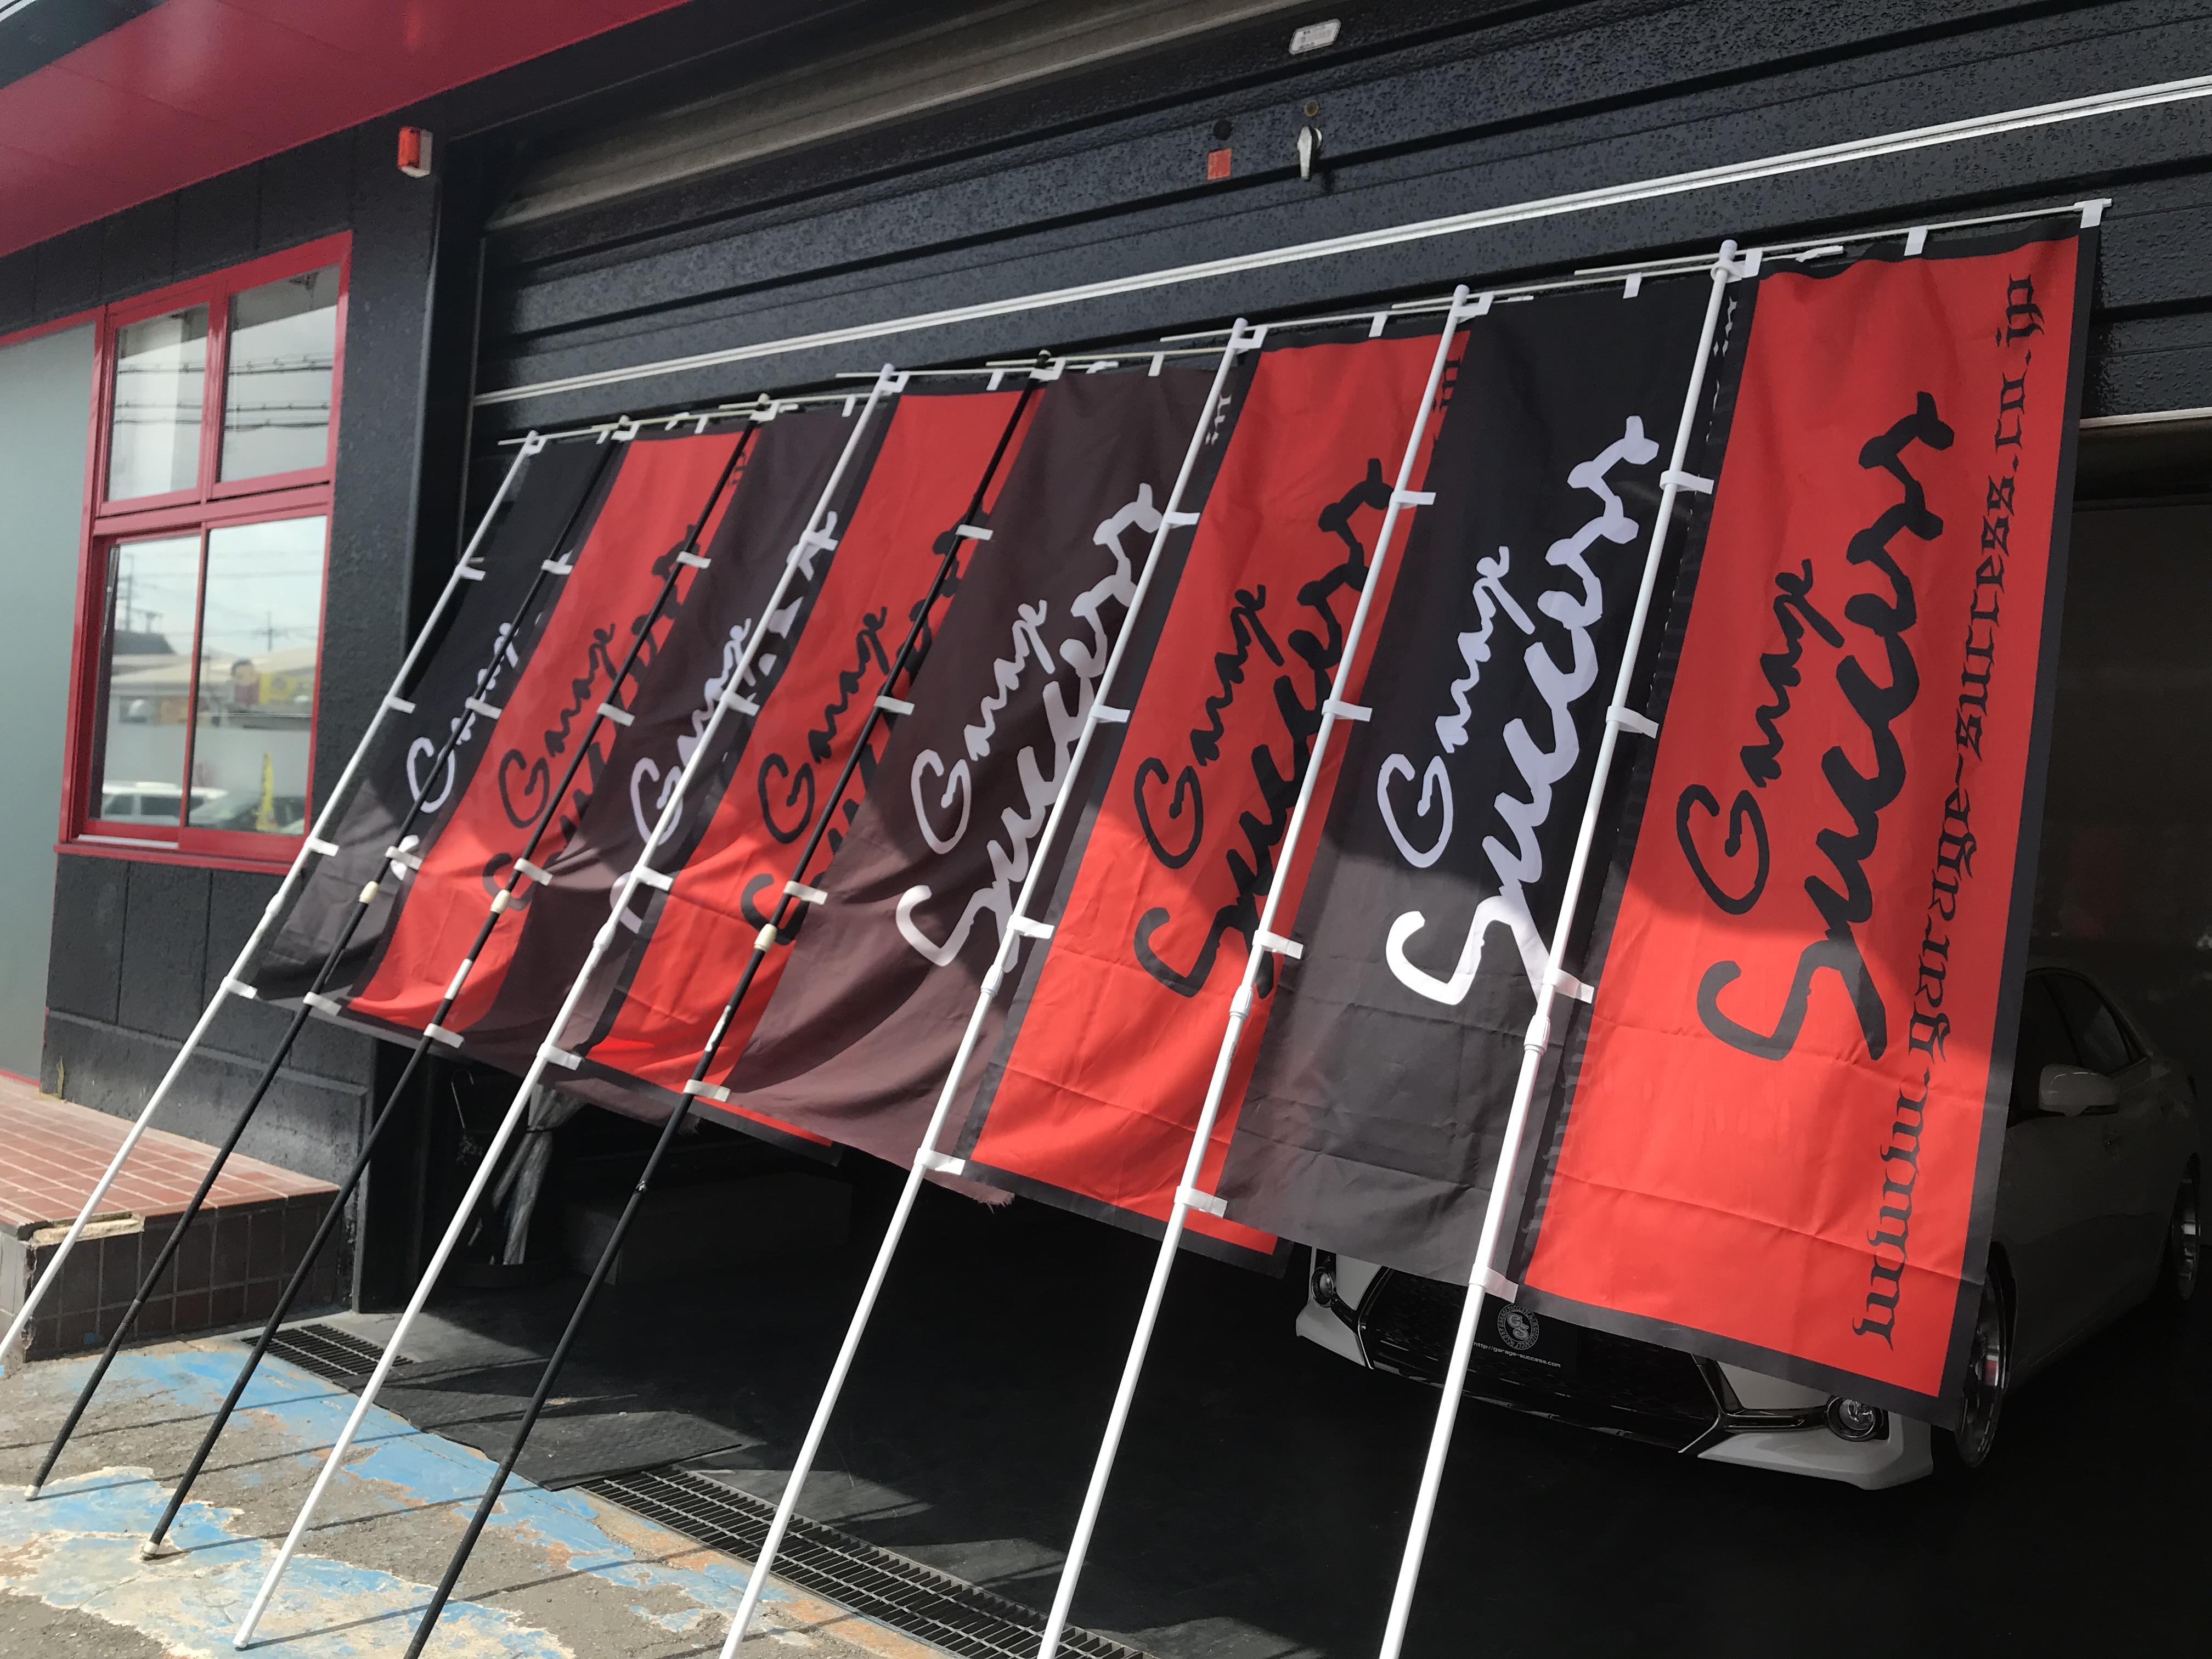 ★ ガレージサクセス高槻店 ★日本最大級のマークX専門店からシンちゃんがお送りするカスタムブログ!本日はちょっと控えめに、、、。 7月13日